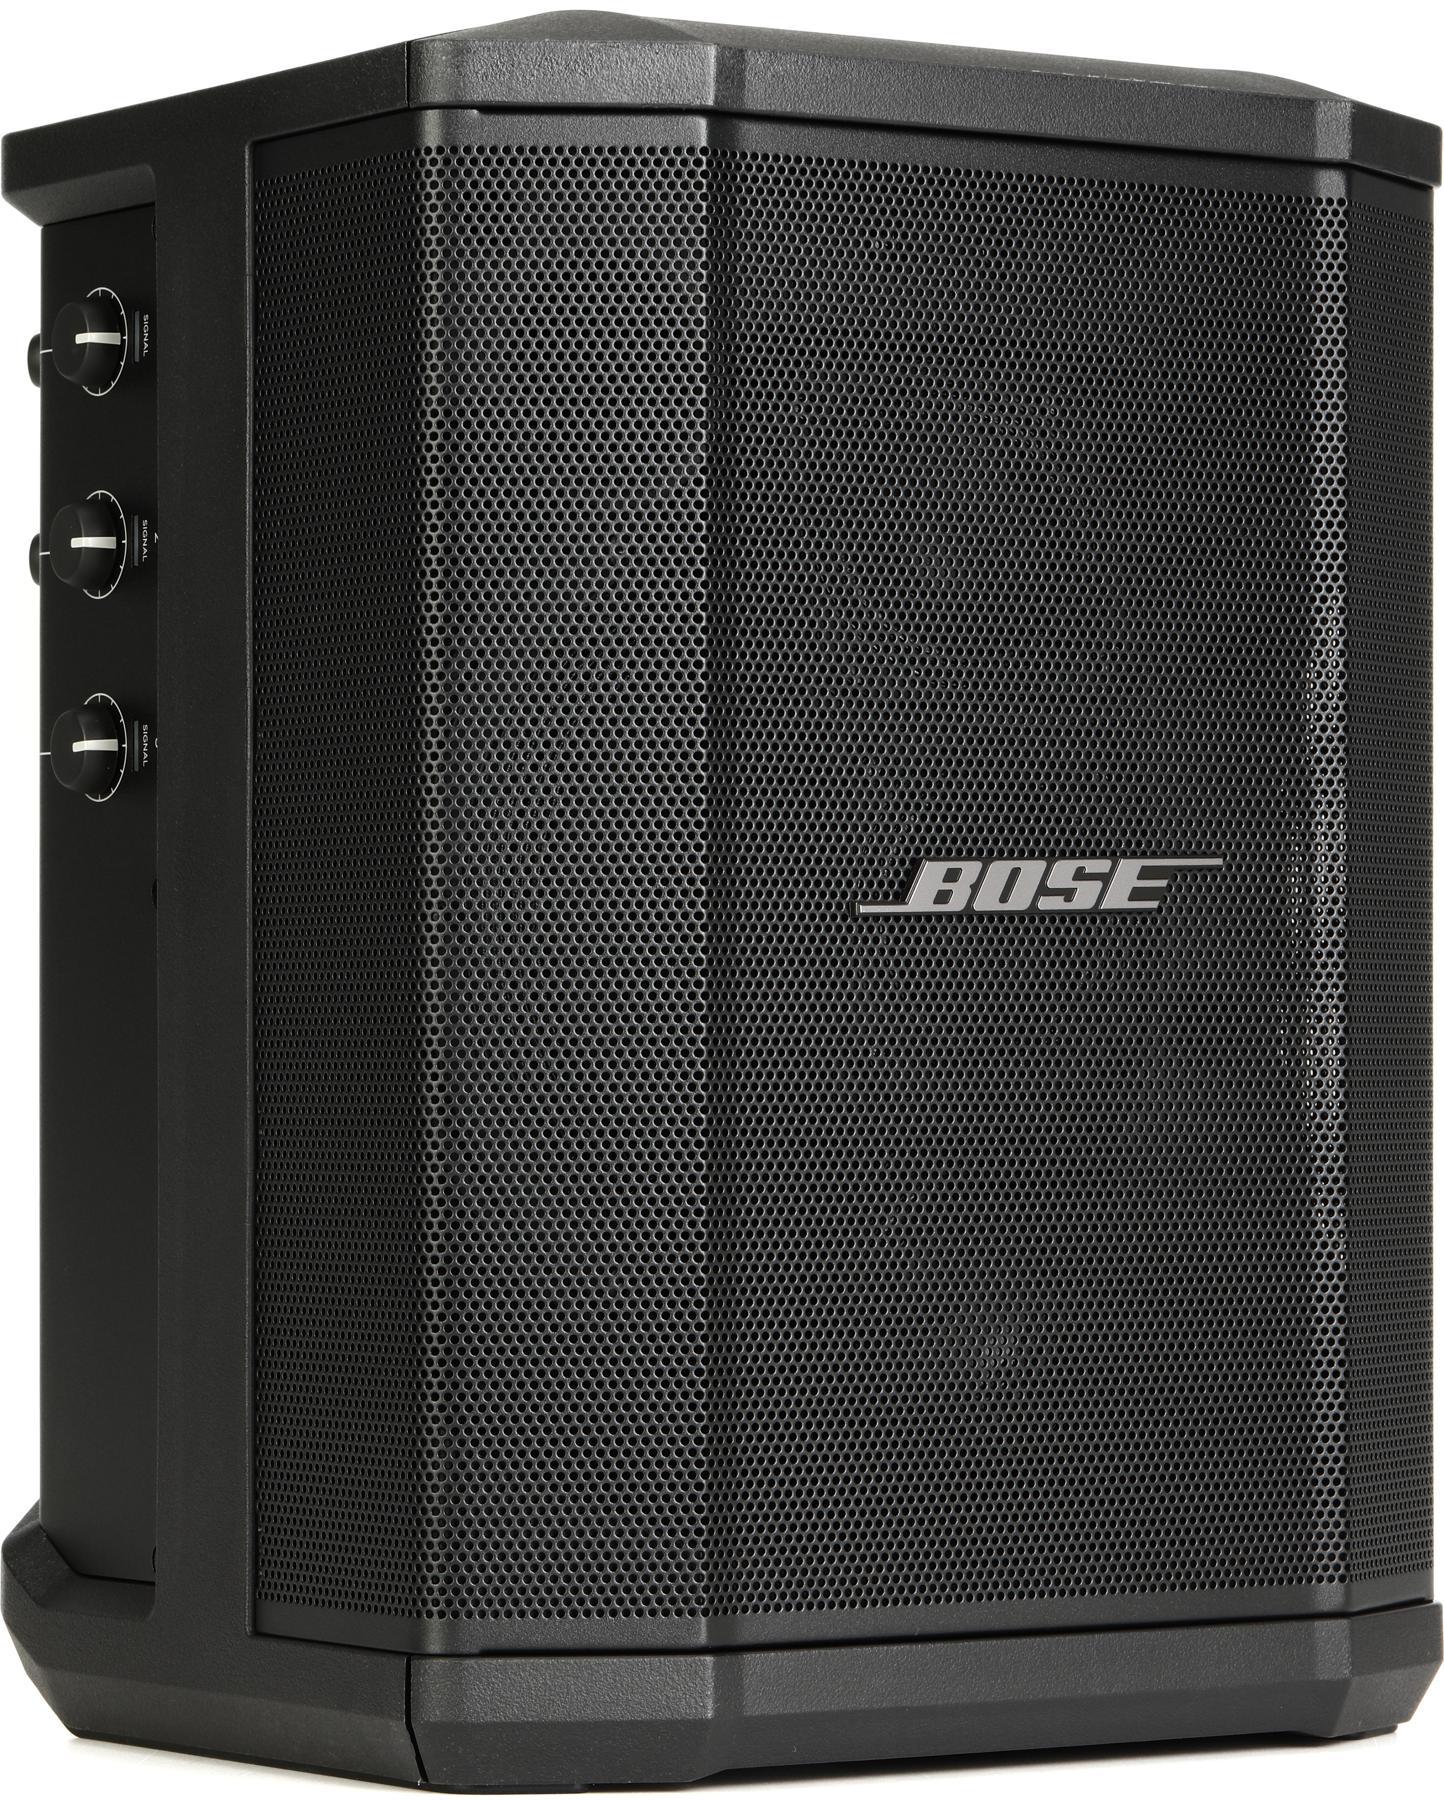 2. Bose S1